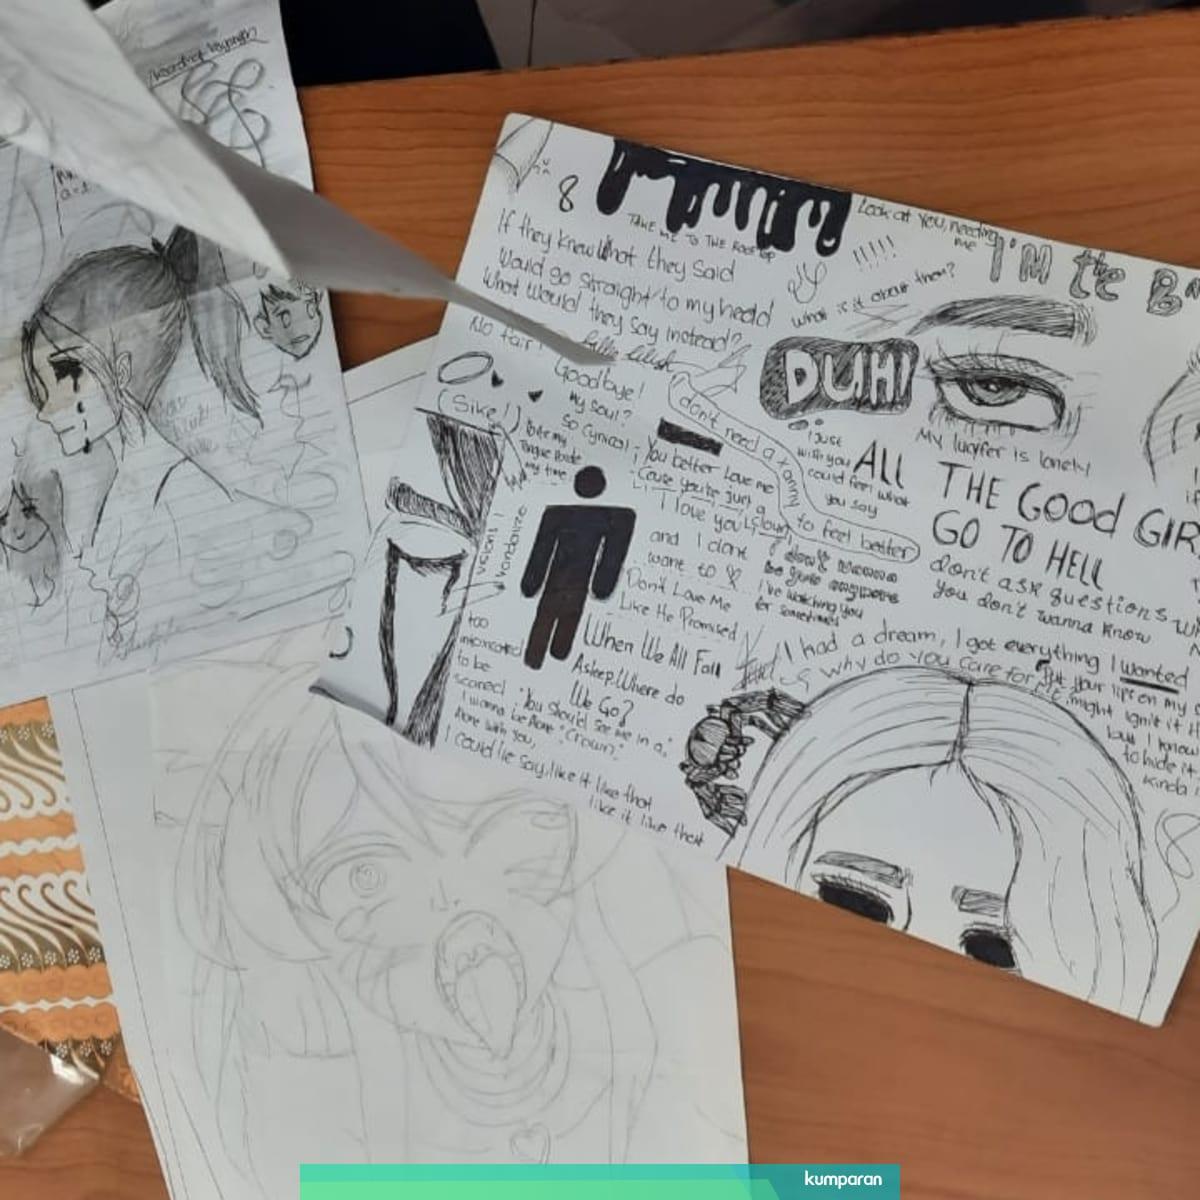 Catatan Remaja Pembunuh Bocah Tulisan Sketsa Hingga Sosok